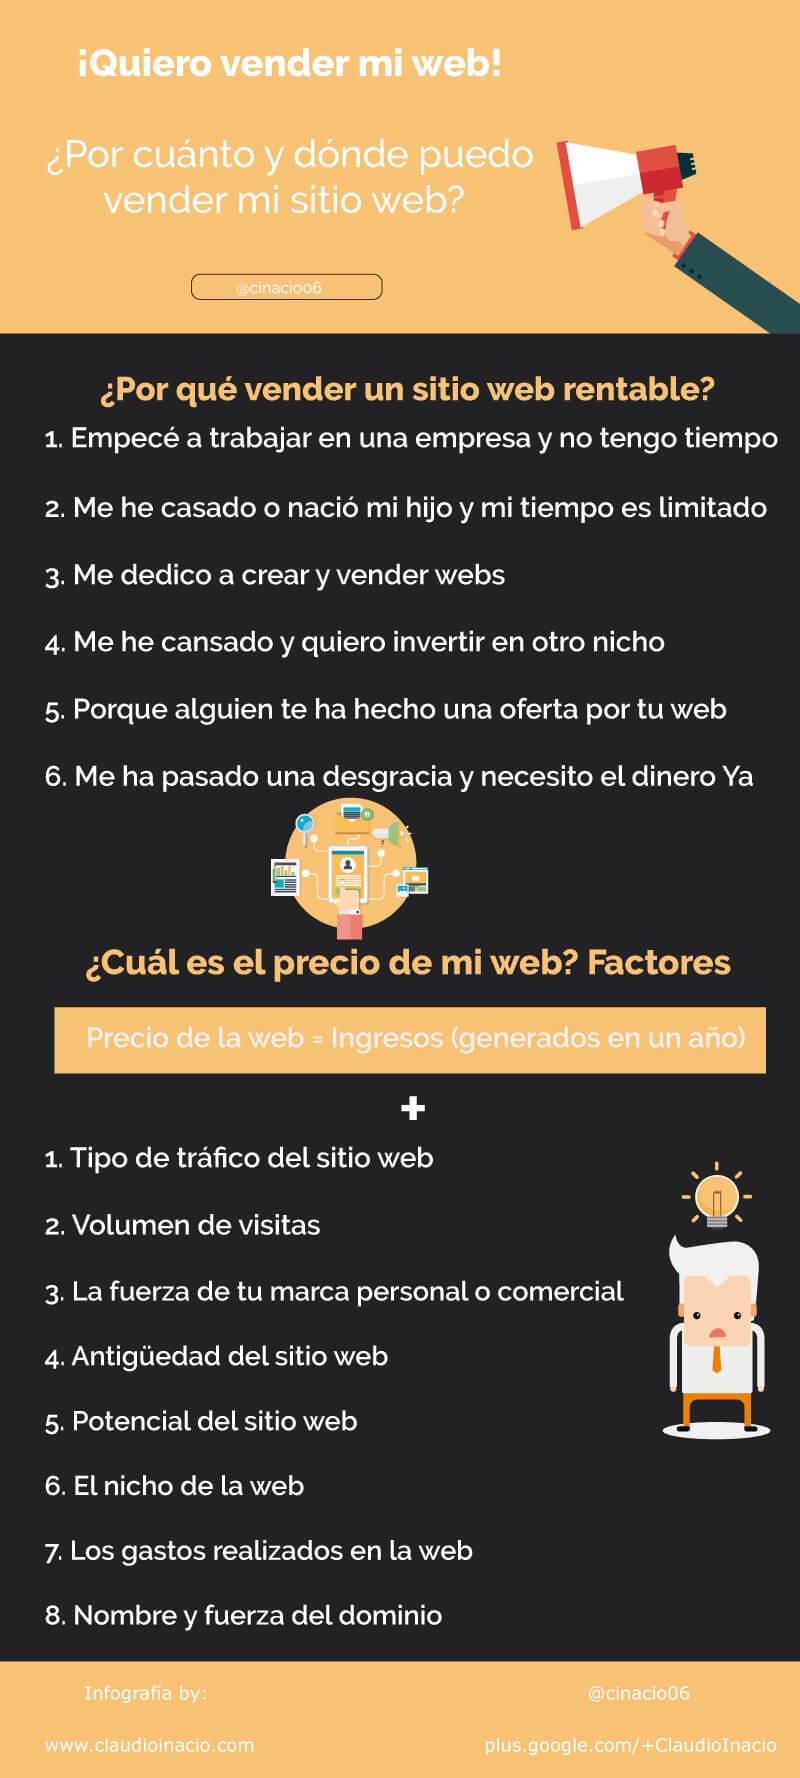 Infografía de cómo vender mi web